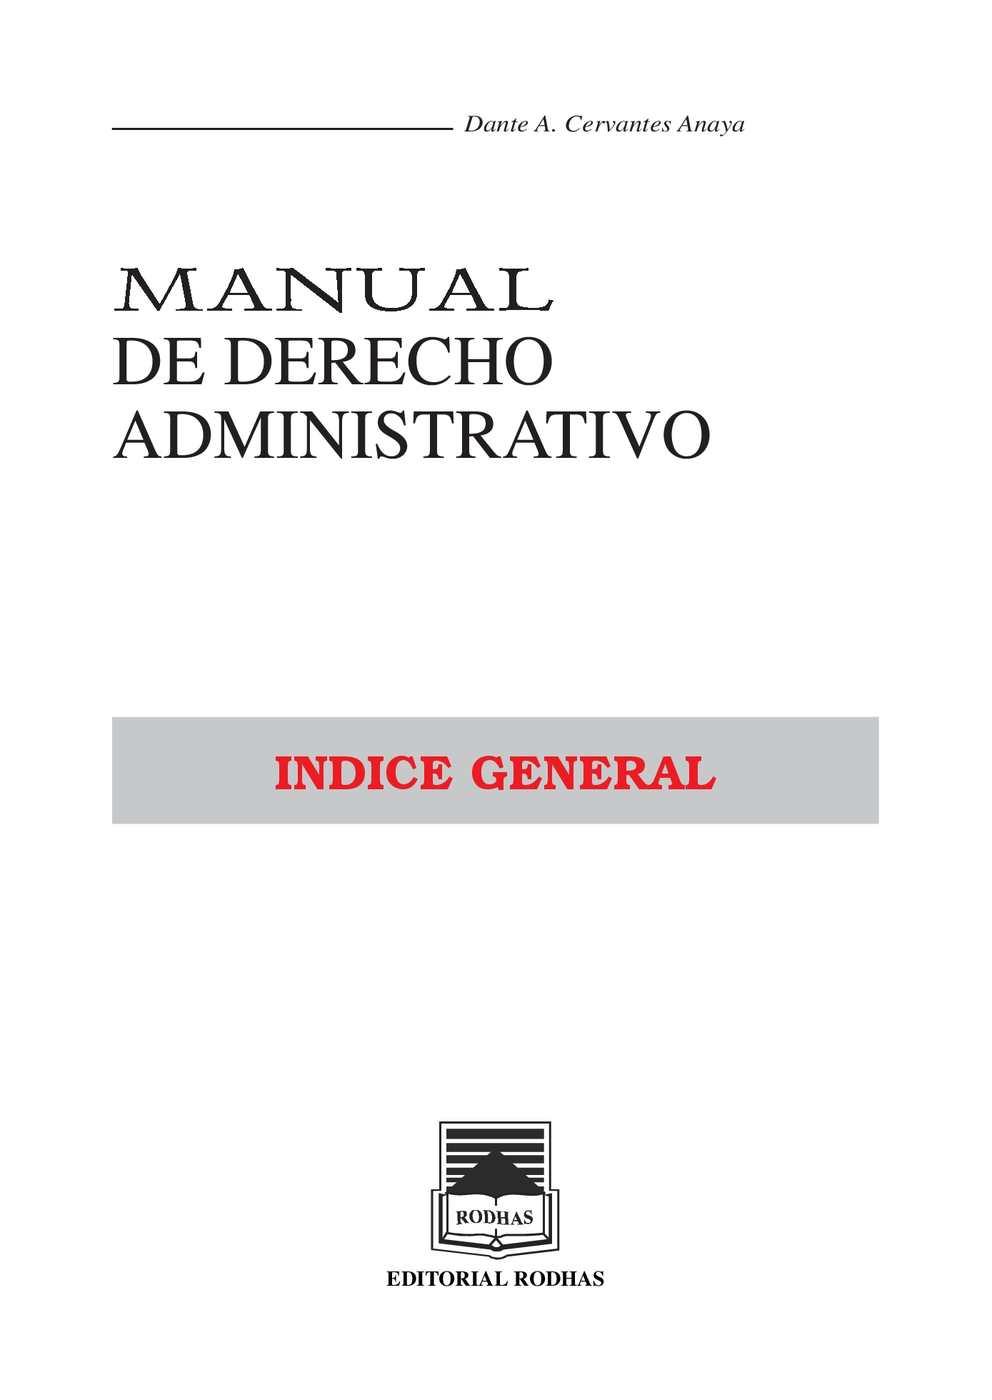 Calaméo Manual De Derecho Administrativo